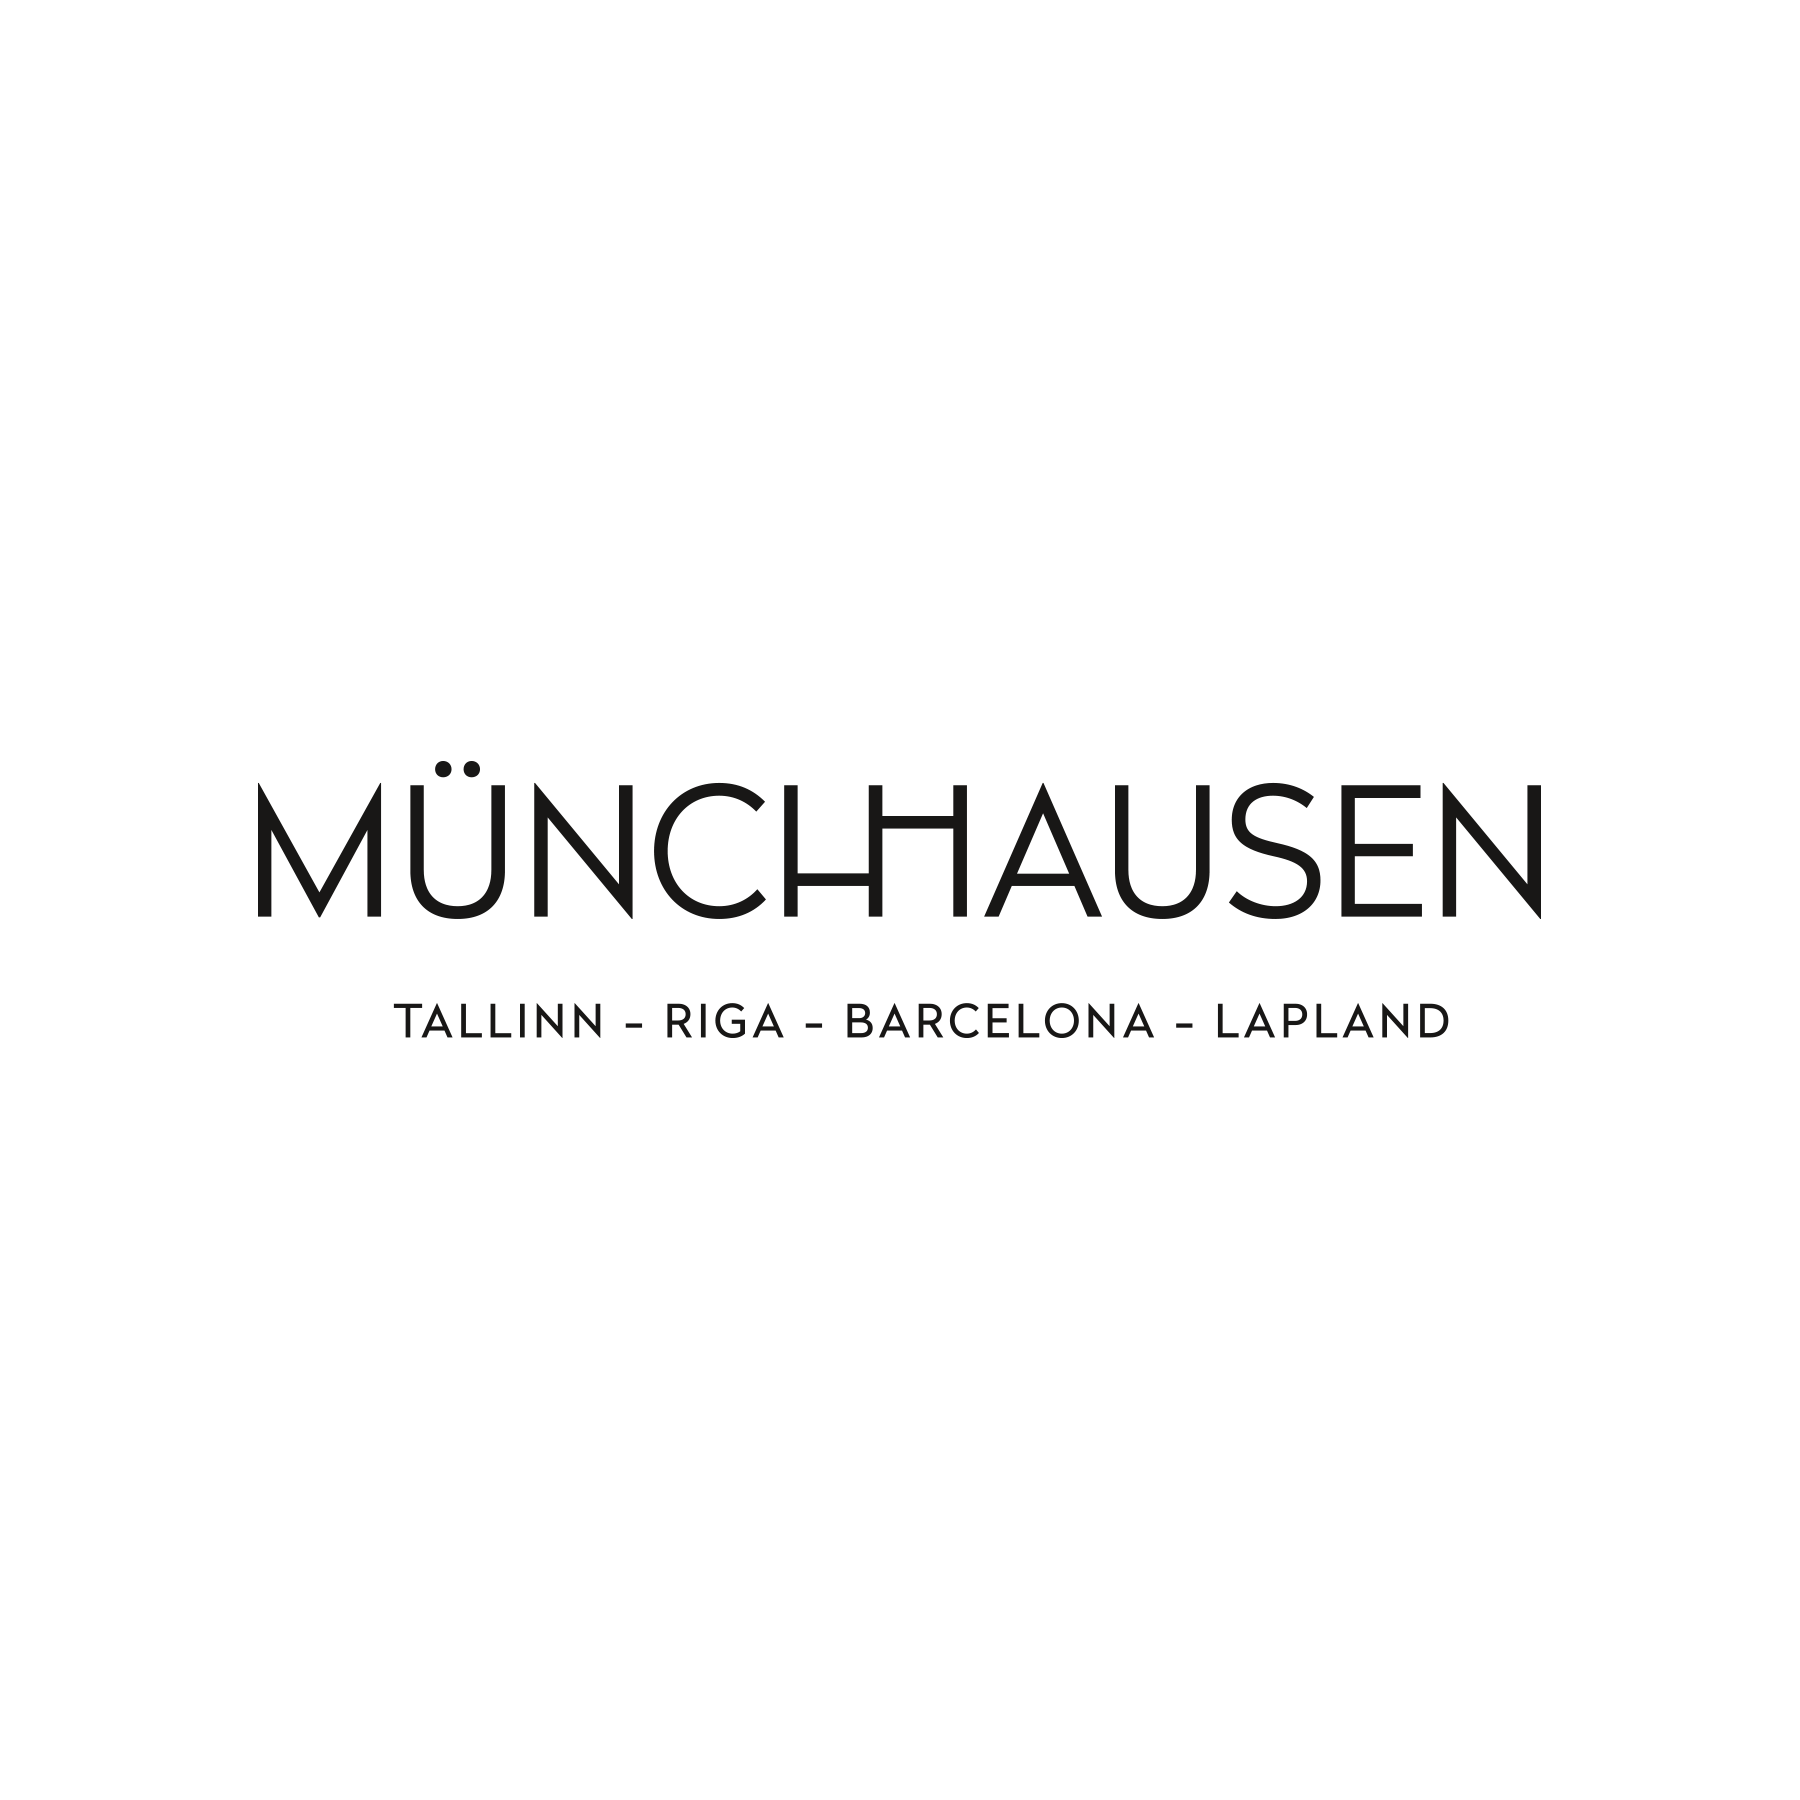 Münchhausen_1800x1800px